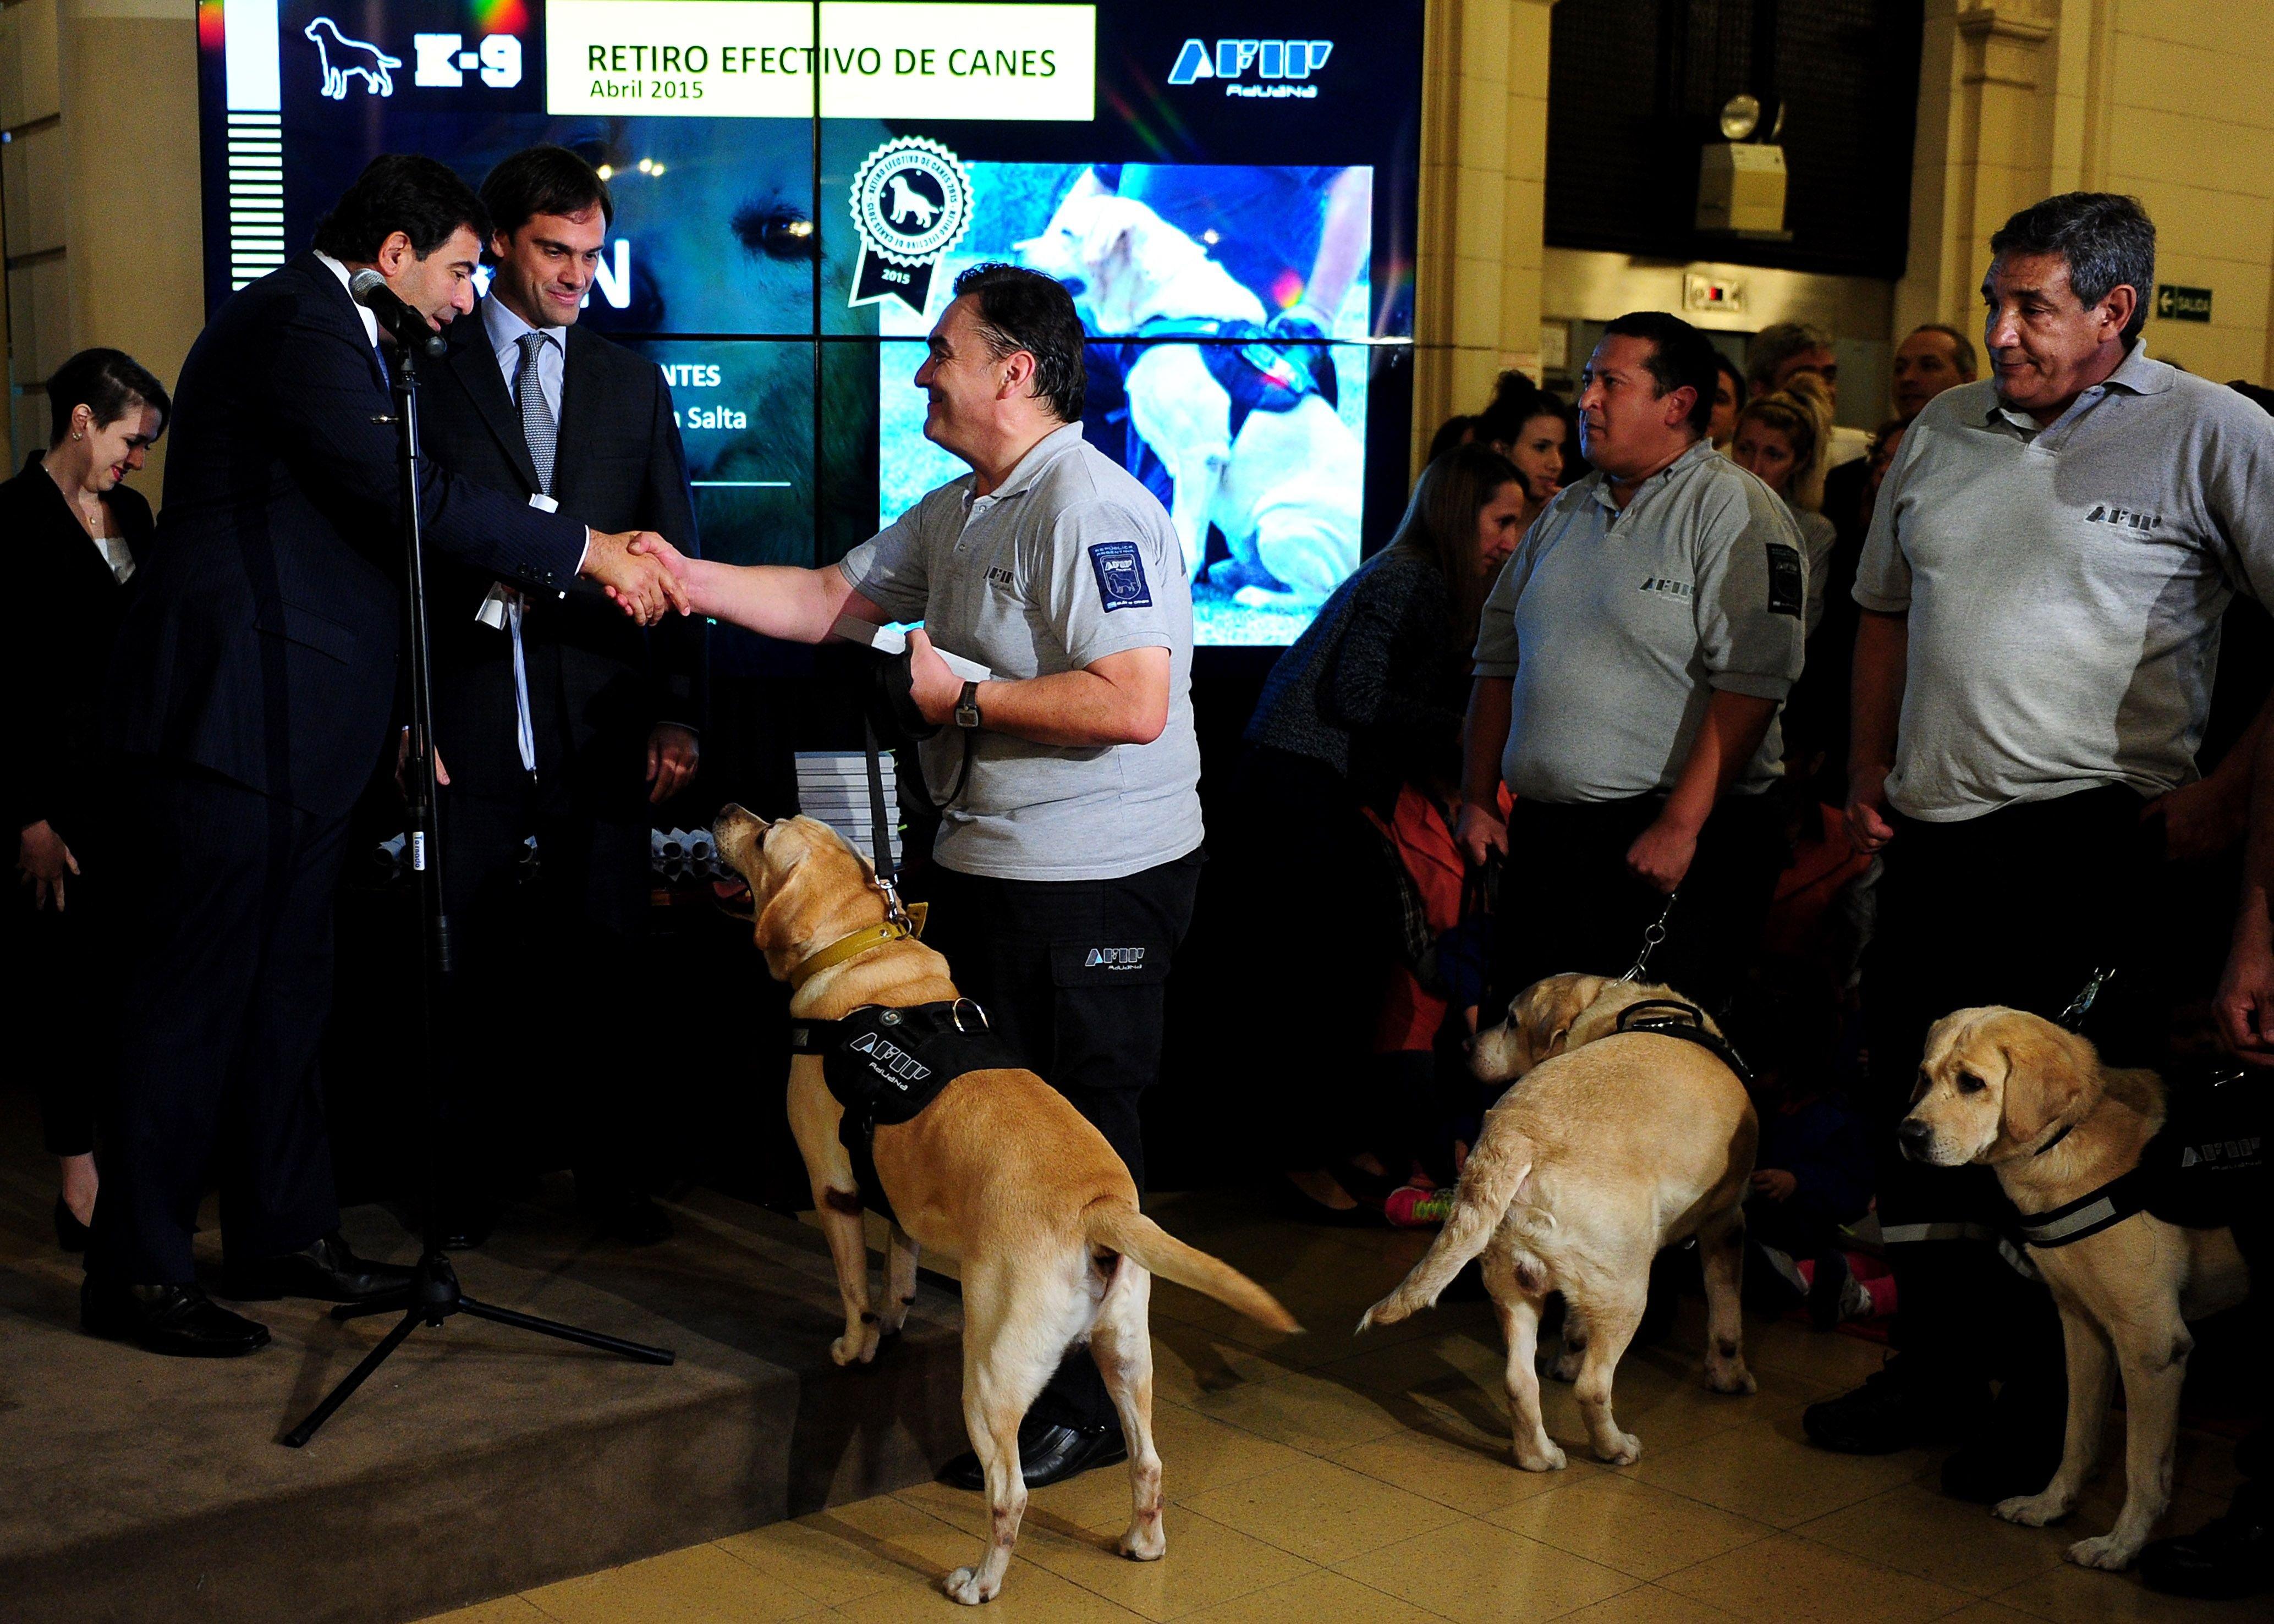 """El titular de la AFIP con algunos de los perros """"jubilados""""."""